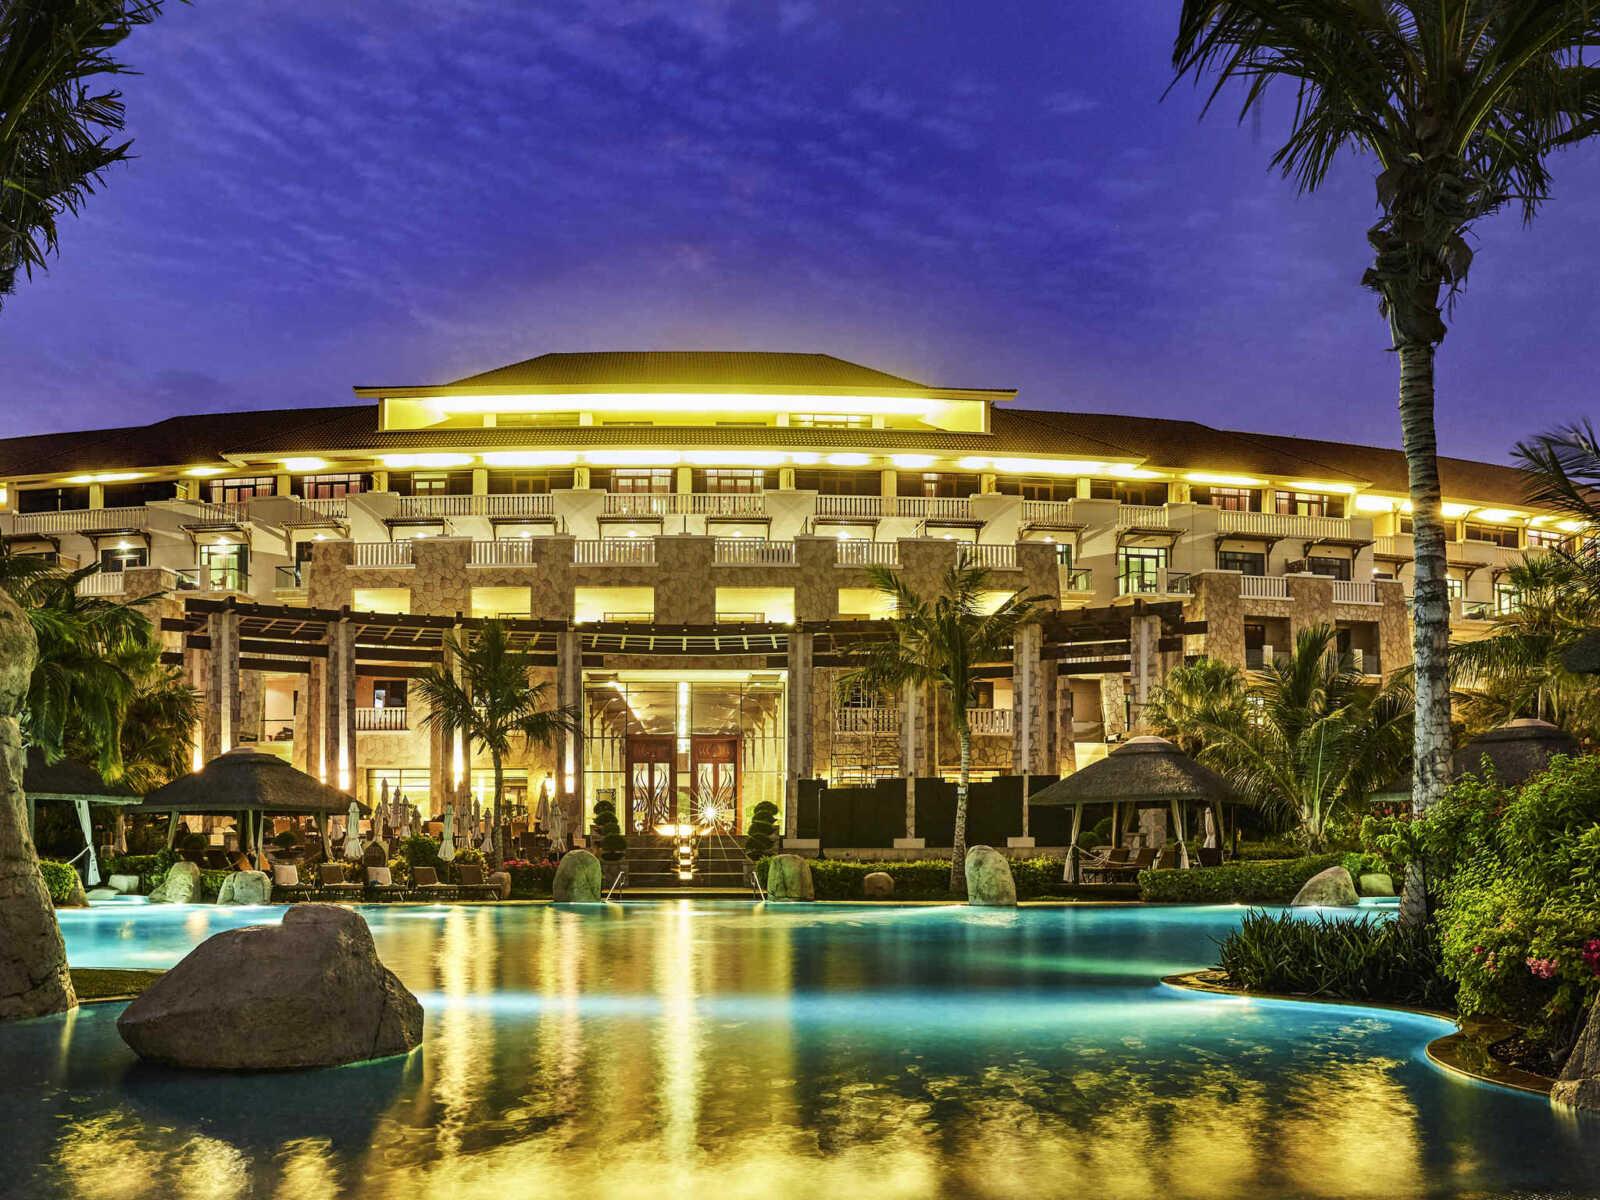 Sofitel Dubai The Palm Resort 5*-paket aranžman